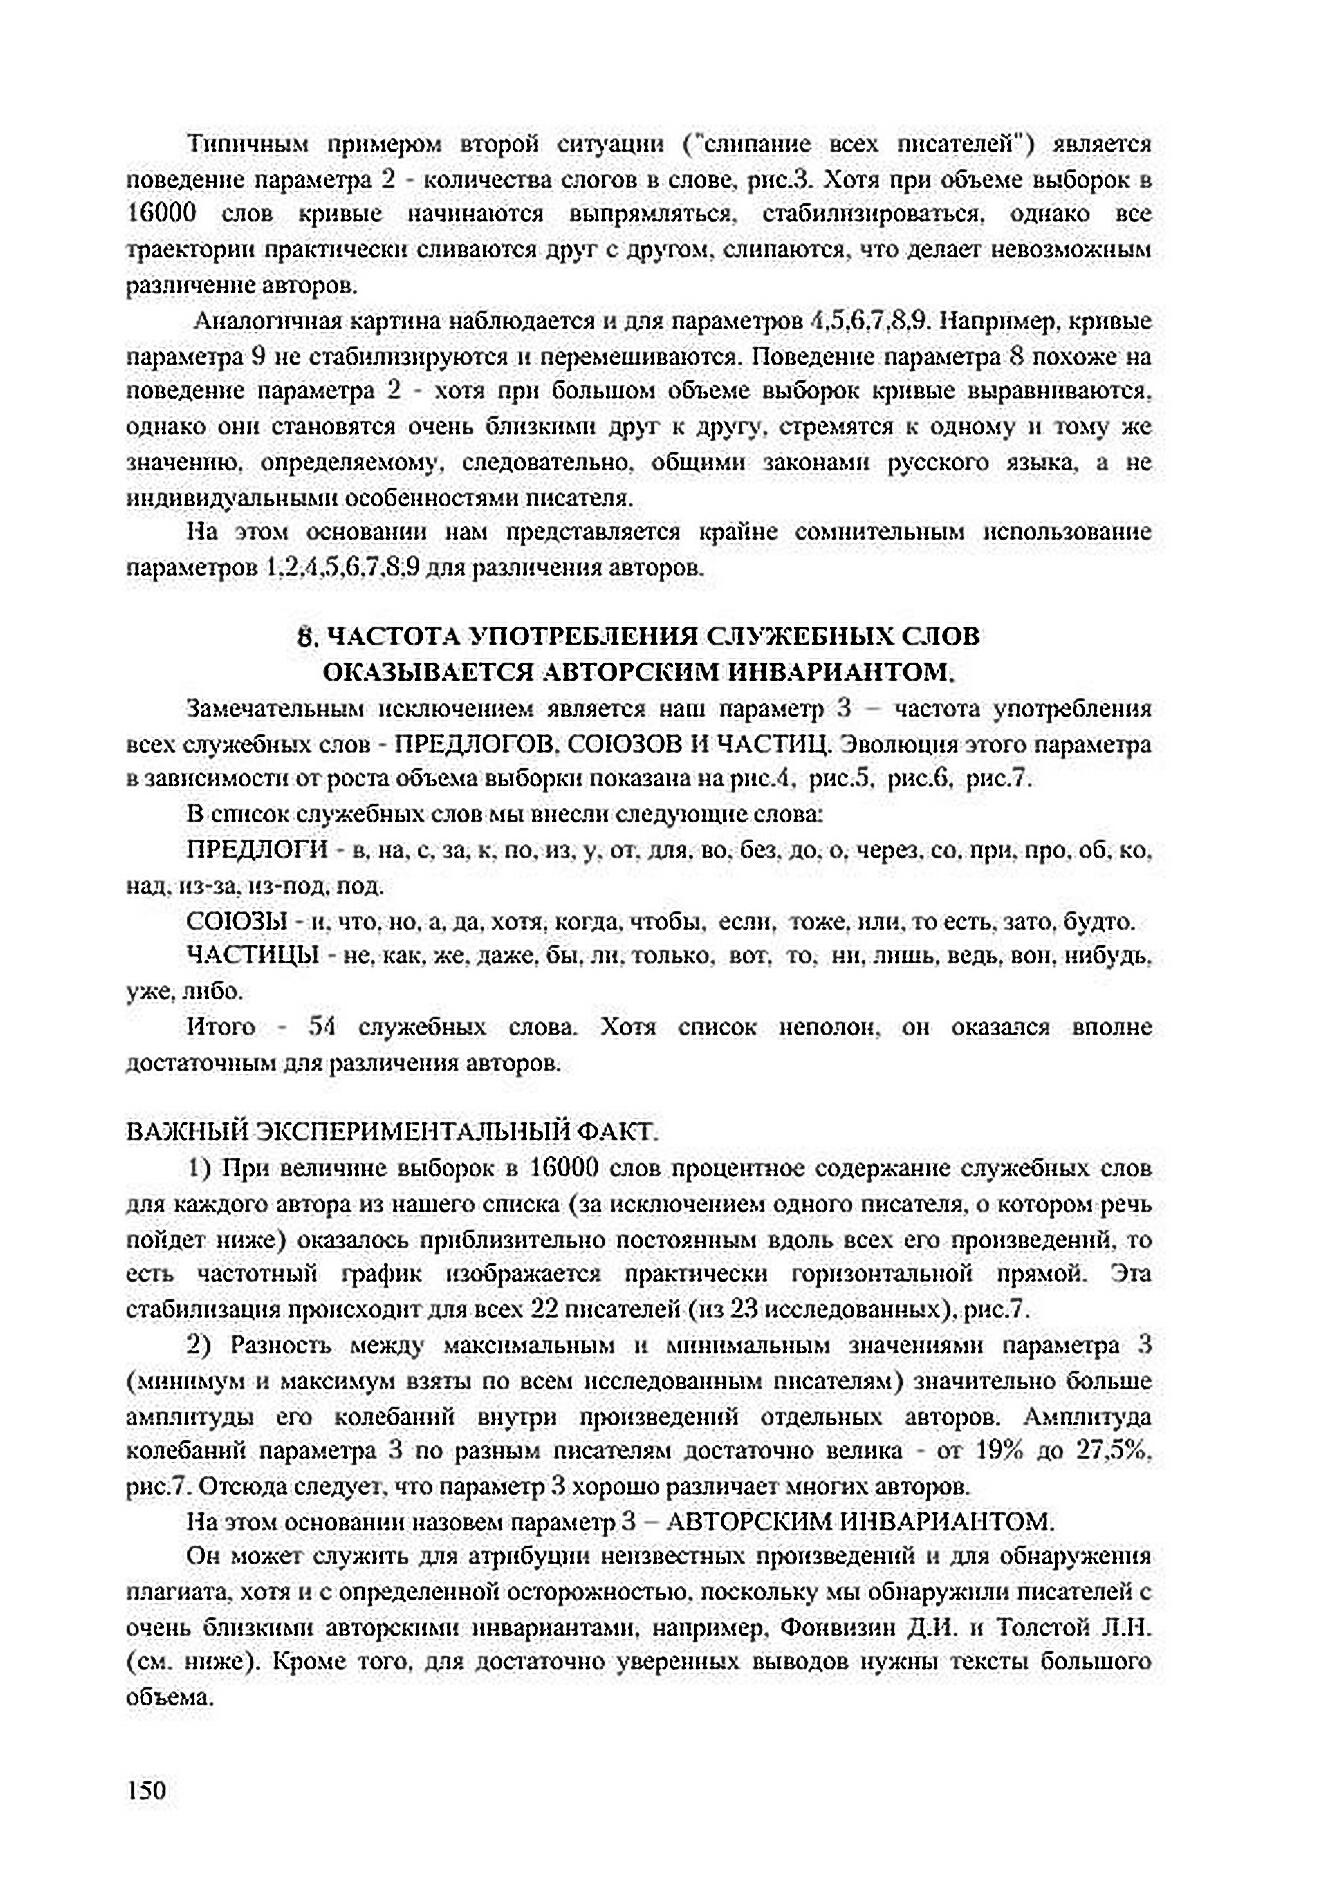 http://s6.uploads.ru/Wlg7D.jpg